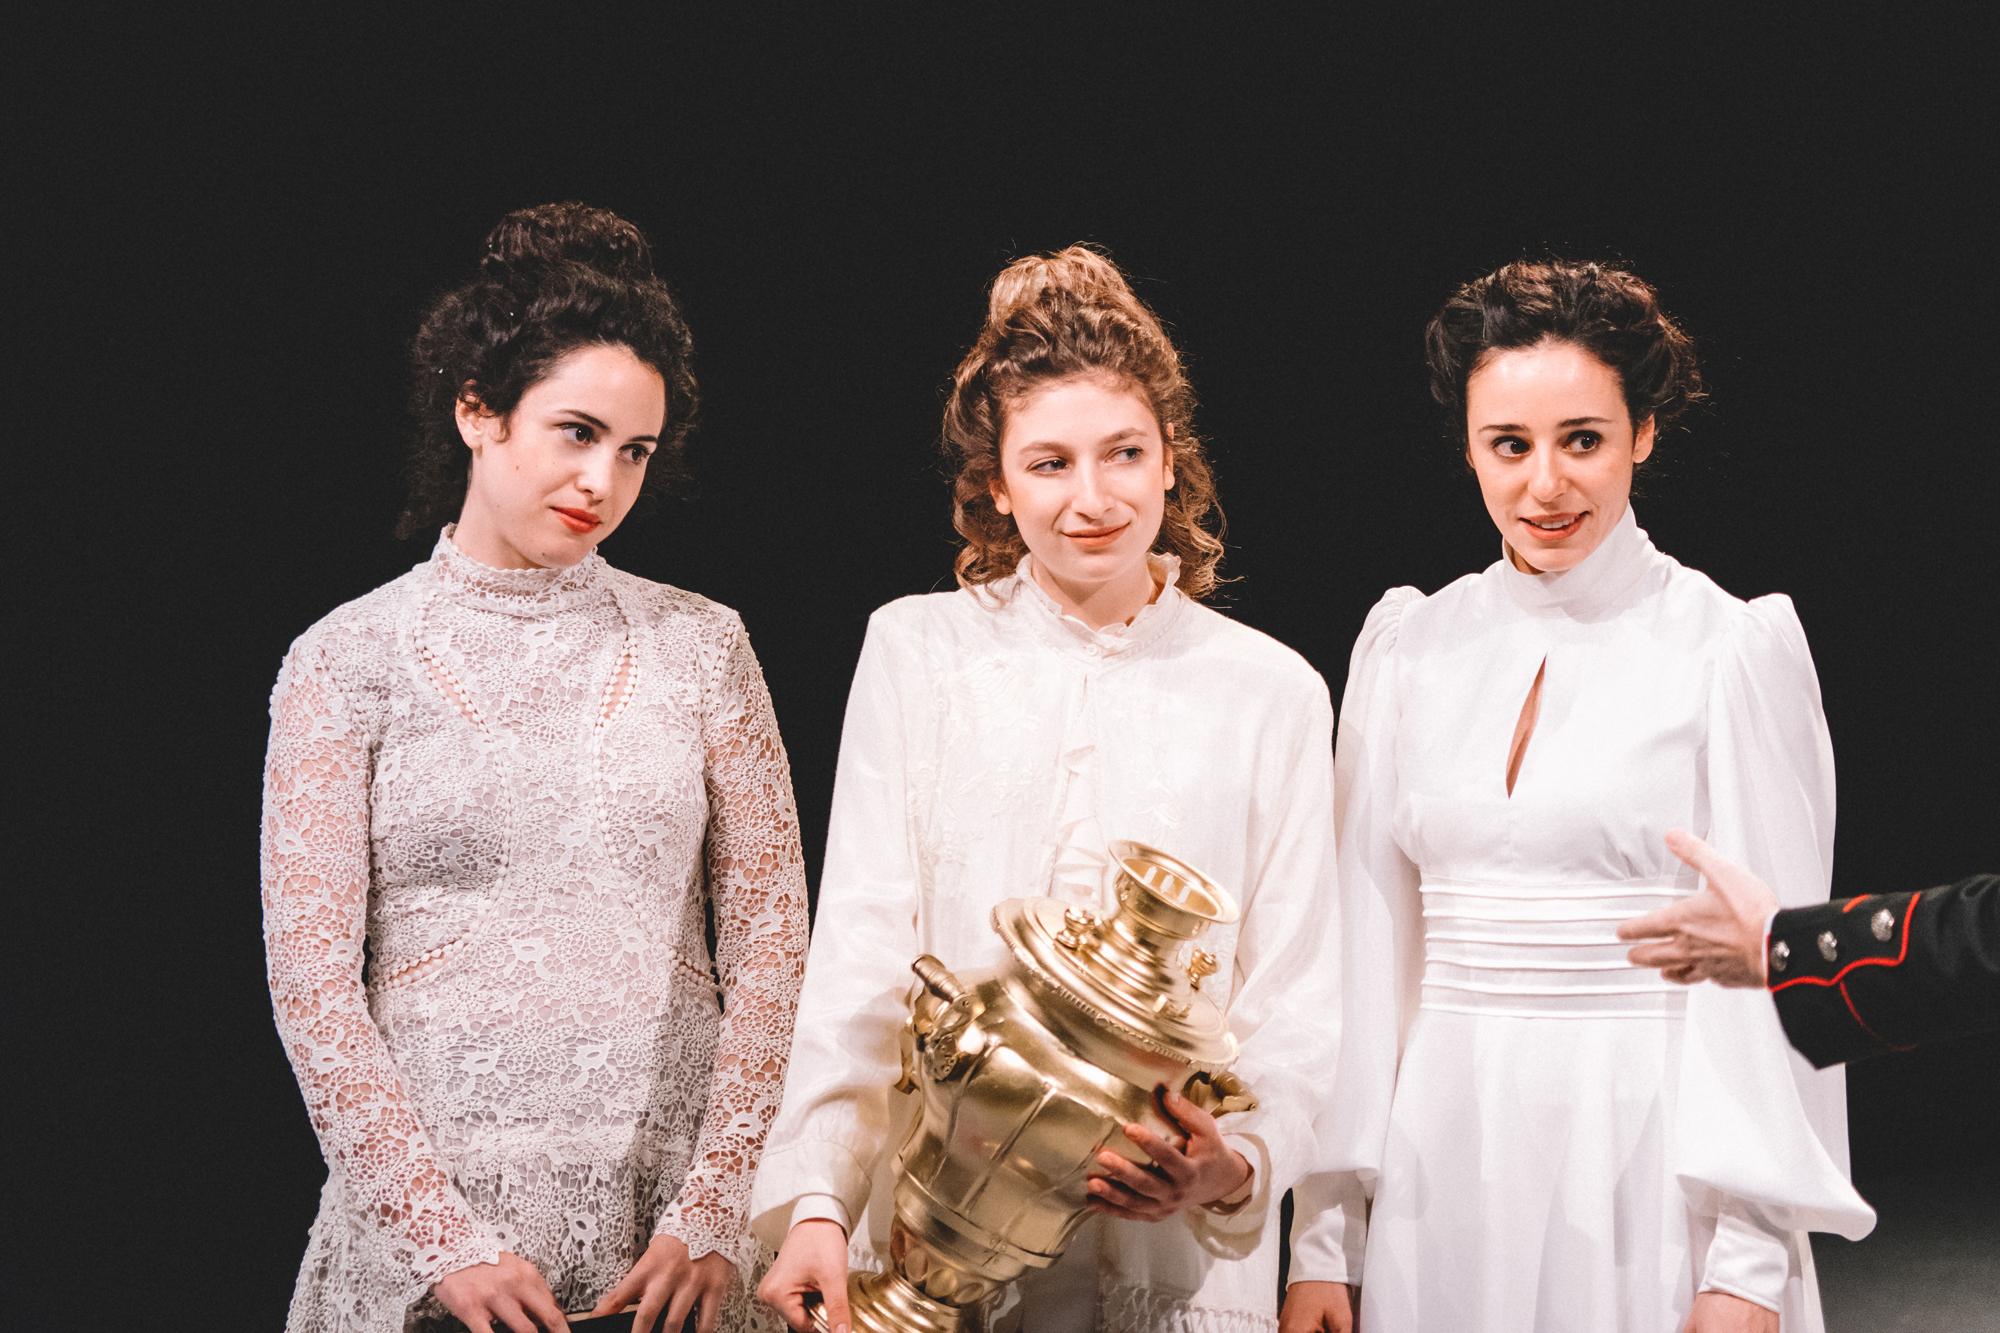 Οι τρεις αδελφές από το Κ.Θ.Β.Ε., κριτική παράστασης